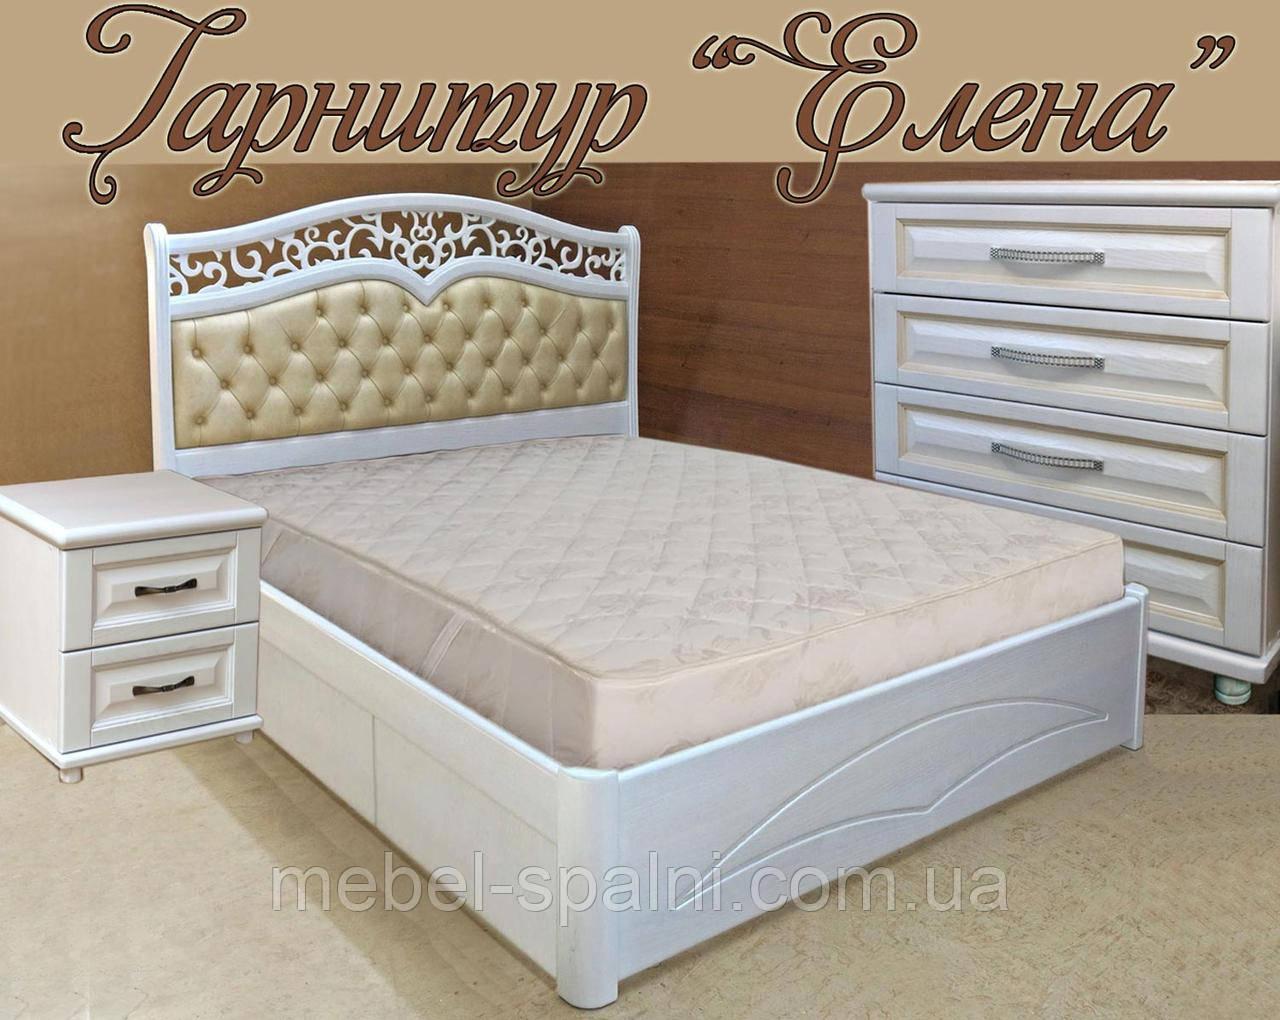 """Спальный гарнитур """"Елена"""" мебель для спальни. Белая, красивая, деревянная спальня"""